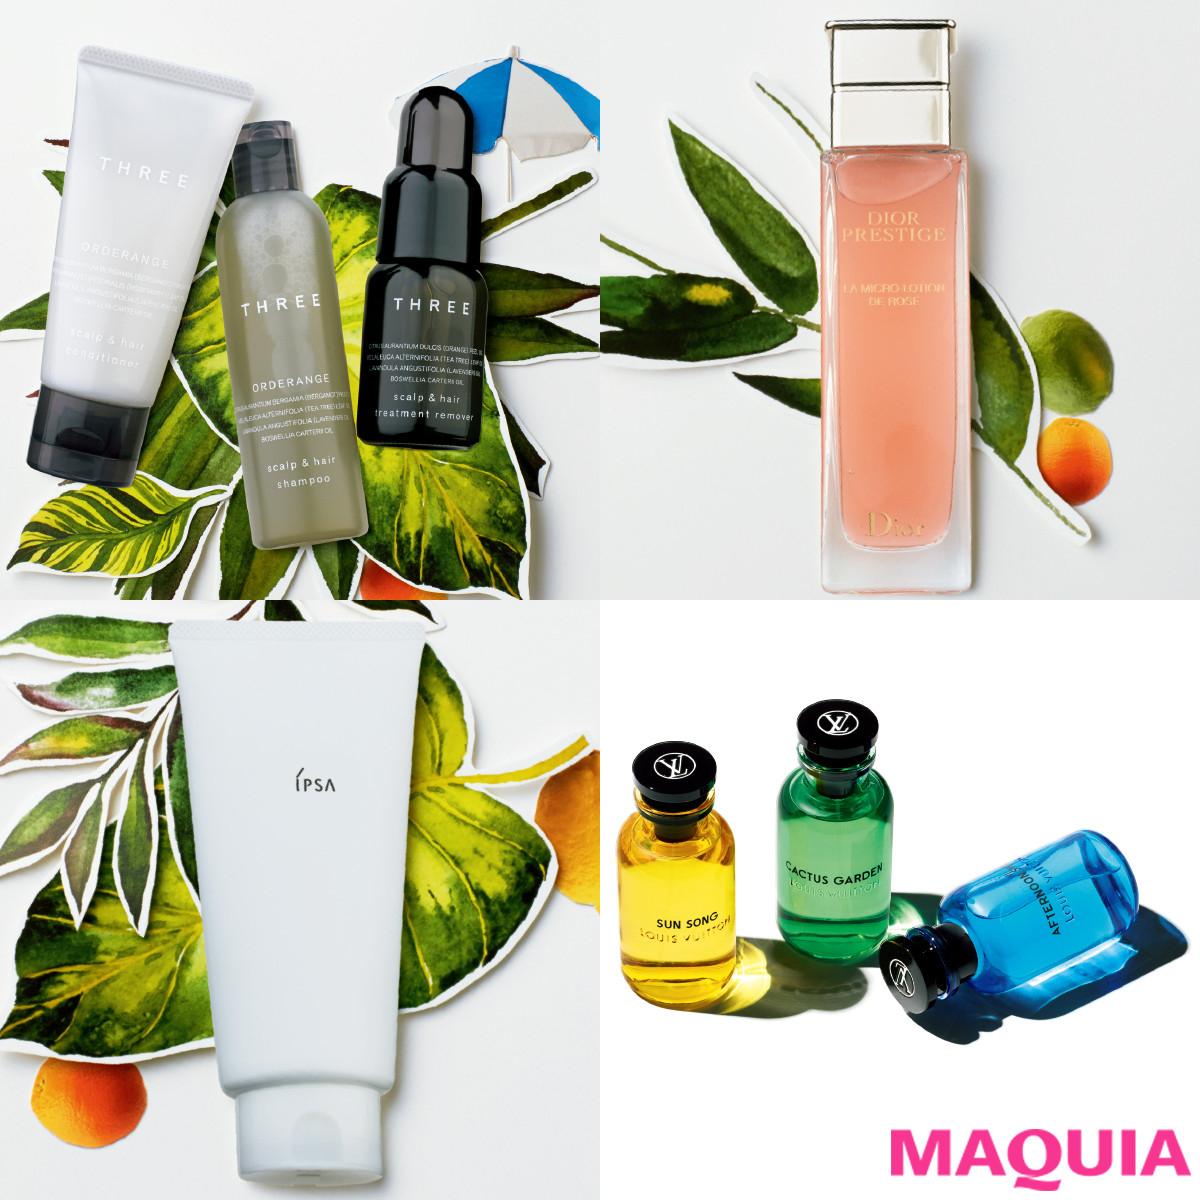 ディオールの化粧水、ルイ・ヴィトンの香水……人気ブランドから気になる新作コスメが続々!